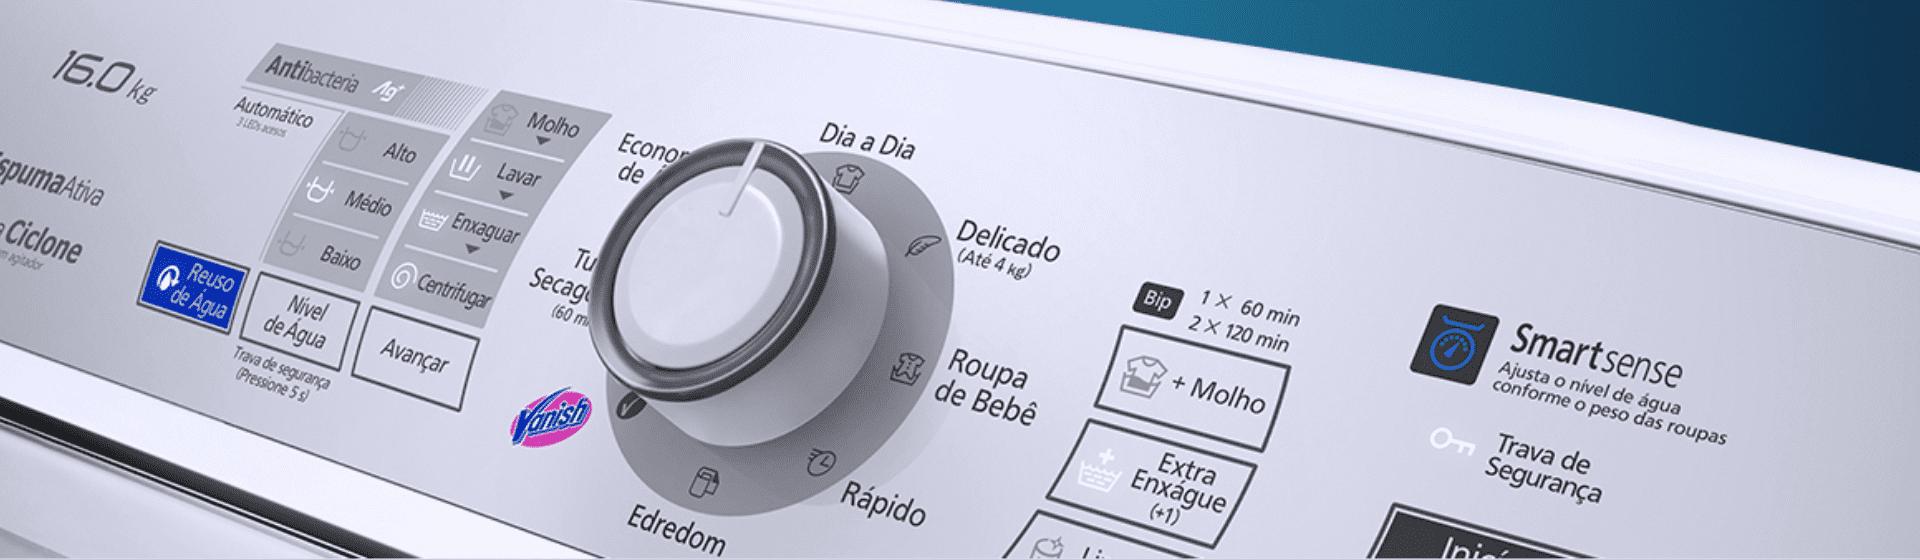 Máquina de lavar Panasonic 16kg NA-F160B6W é boa? Veja a análise de ficha técnica da lavadora